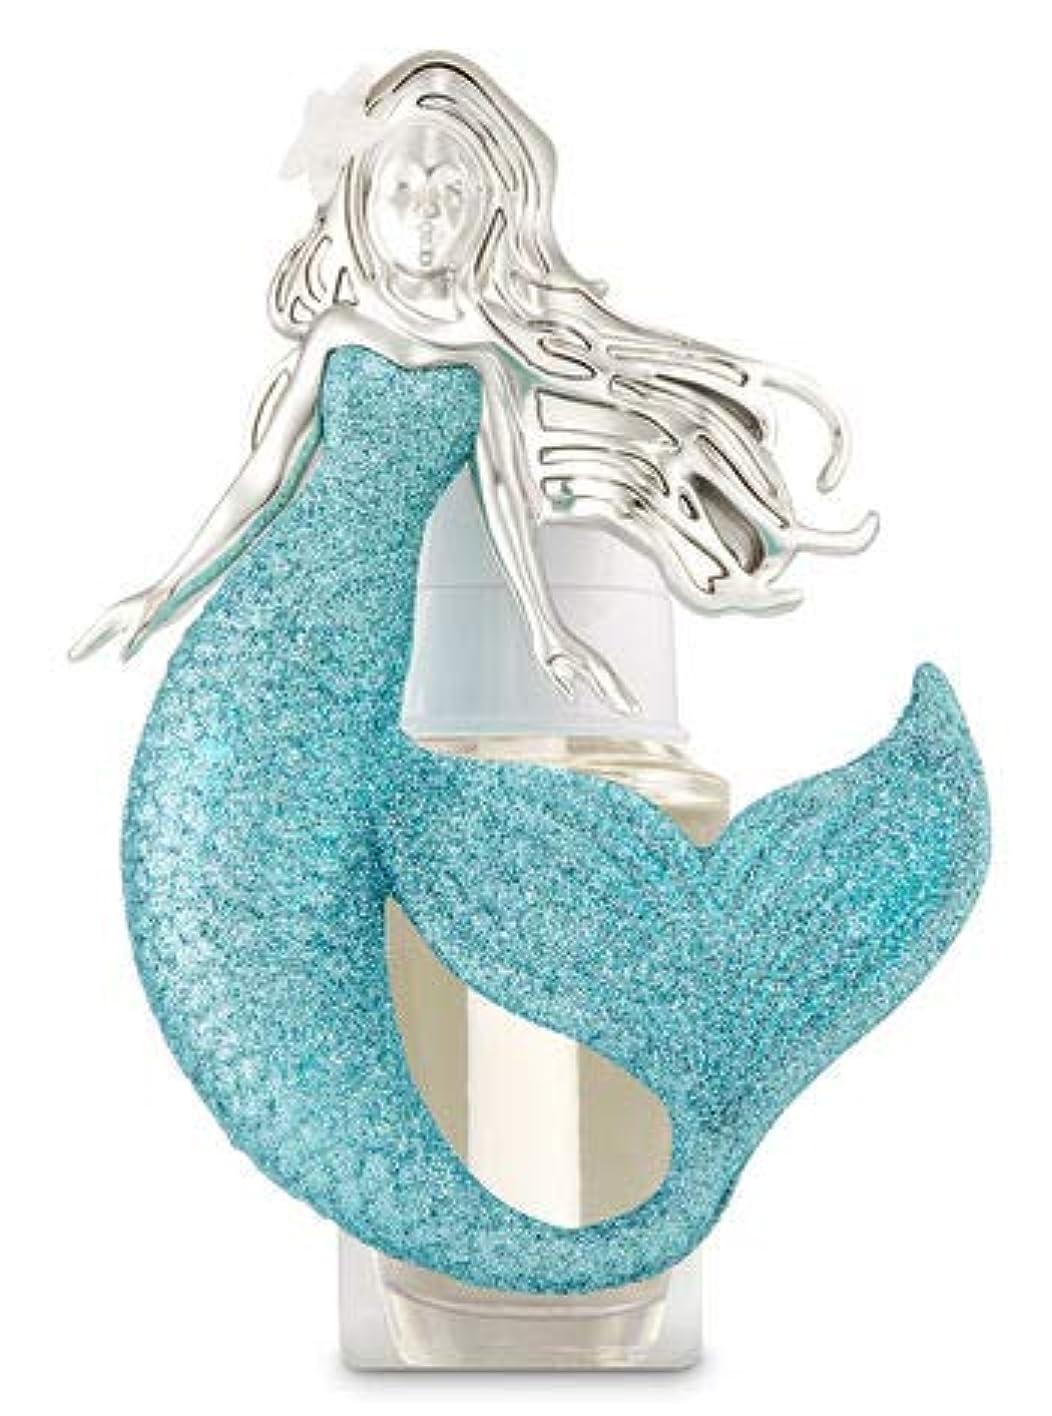 マイクロプロセッサやけど活性化【Bath&Body Works/バス&ボディワークス】 ルームフレグランス プラグインスターター (本体のみ) マーメイド ナイトライト Wallflowers Fragrance Plug Mermaid Night Light [並行輸入品]